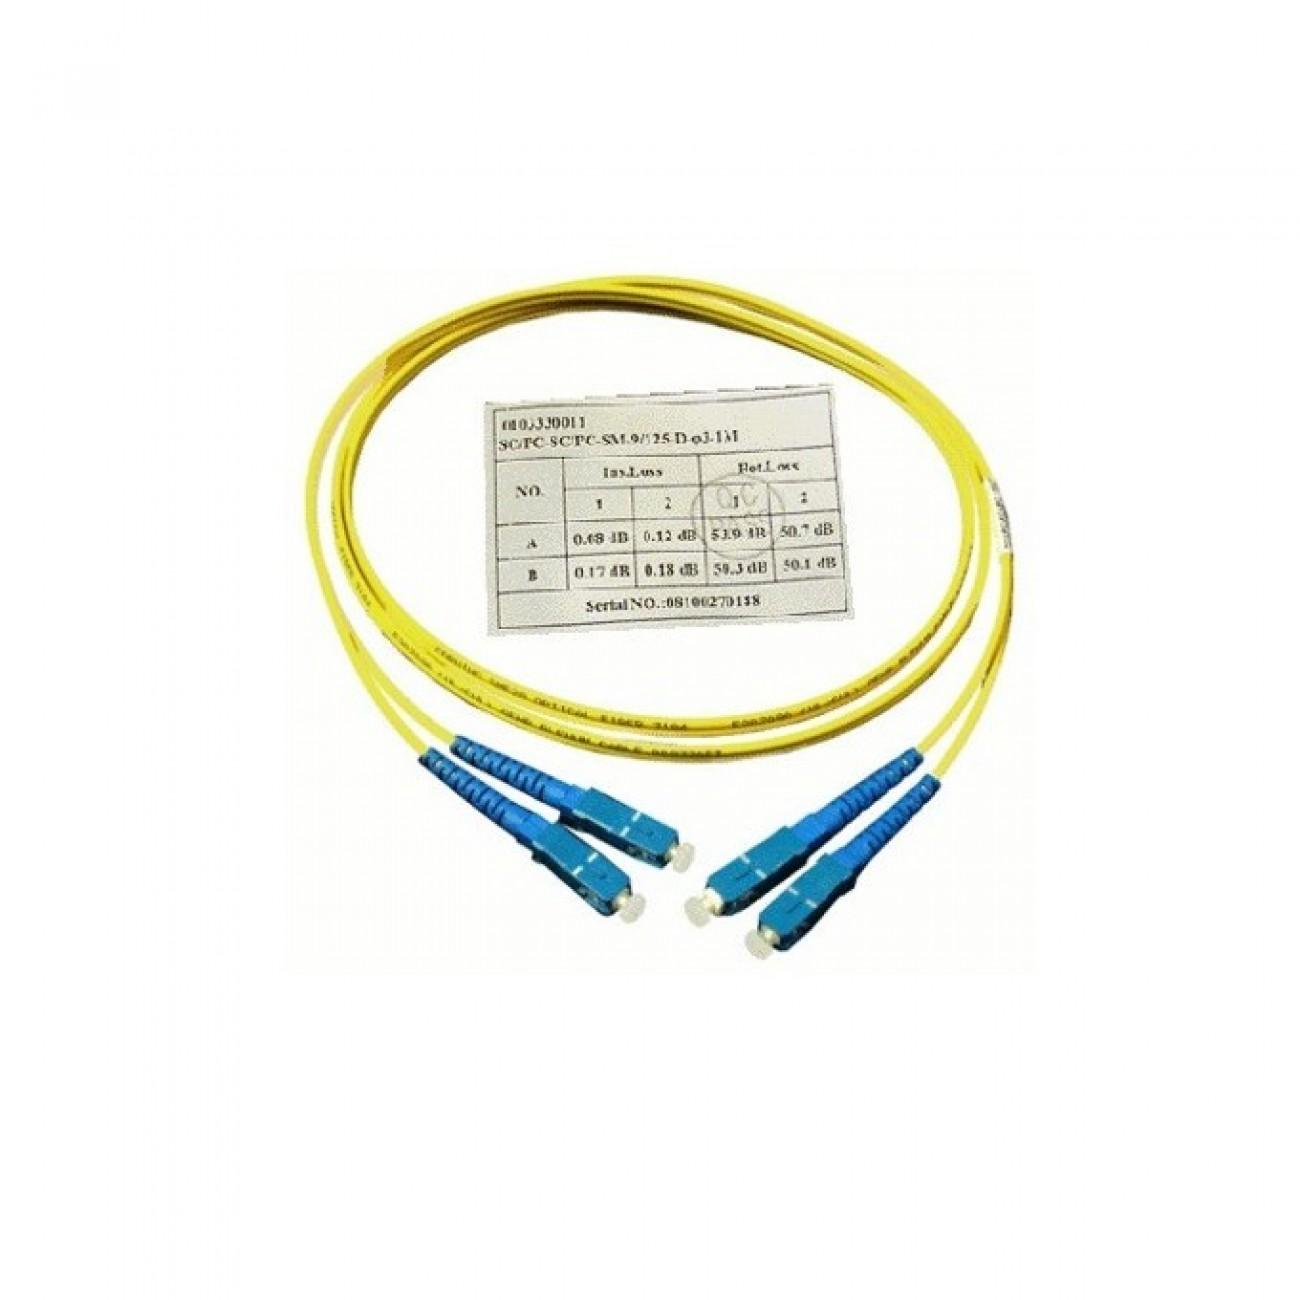 Оптичен пач кабел, SC/UPC(м) към SC/UPC(м), 9/125, сингъл мод, 1m в Свързващи пач оптични кабели -  | Alleop